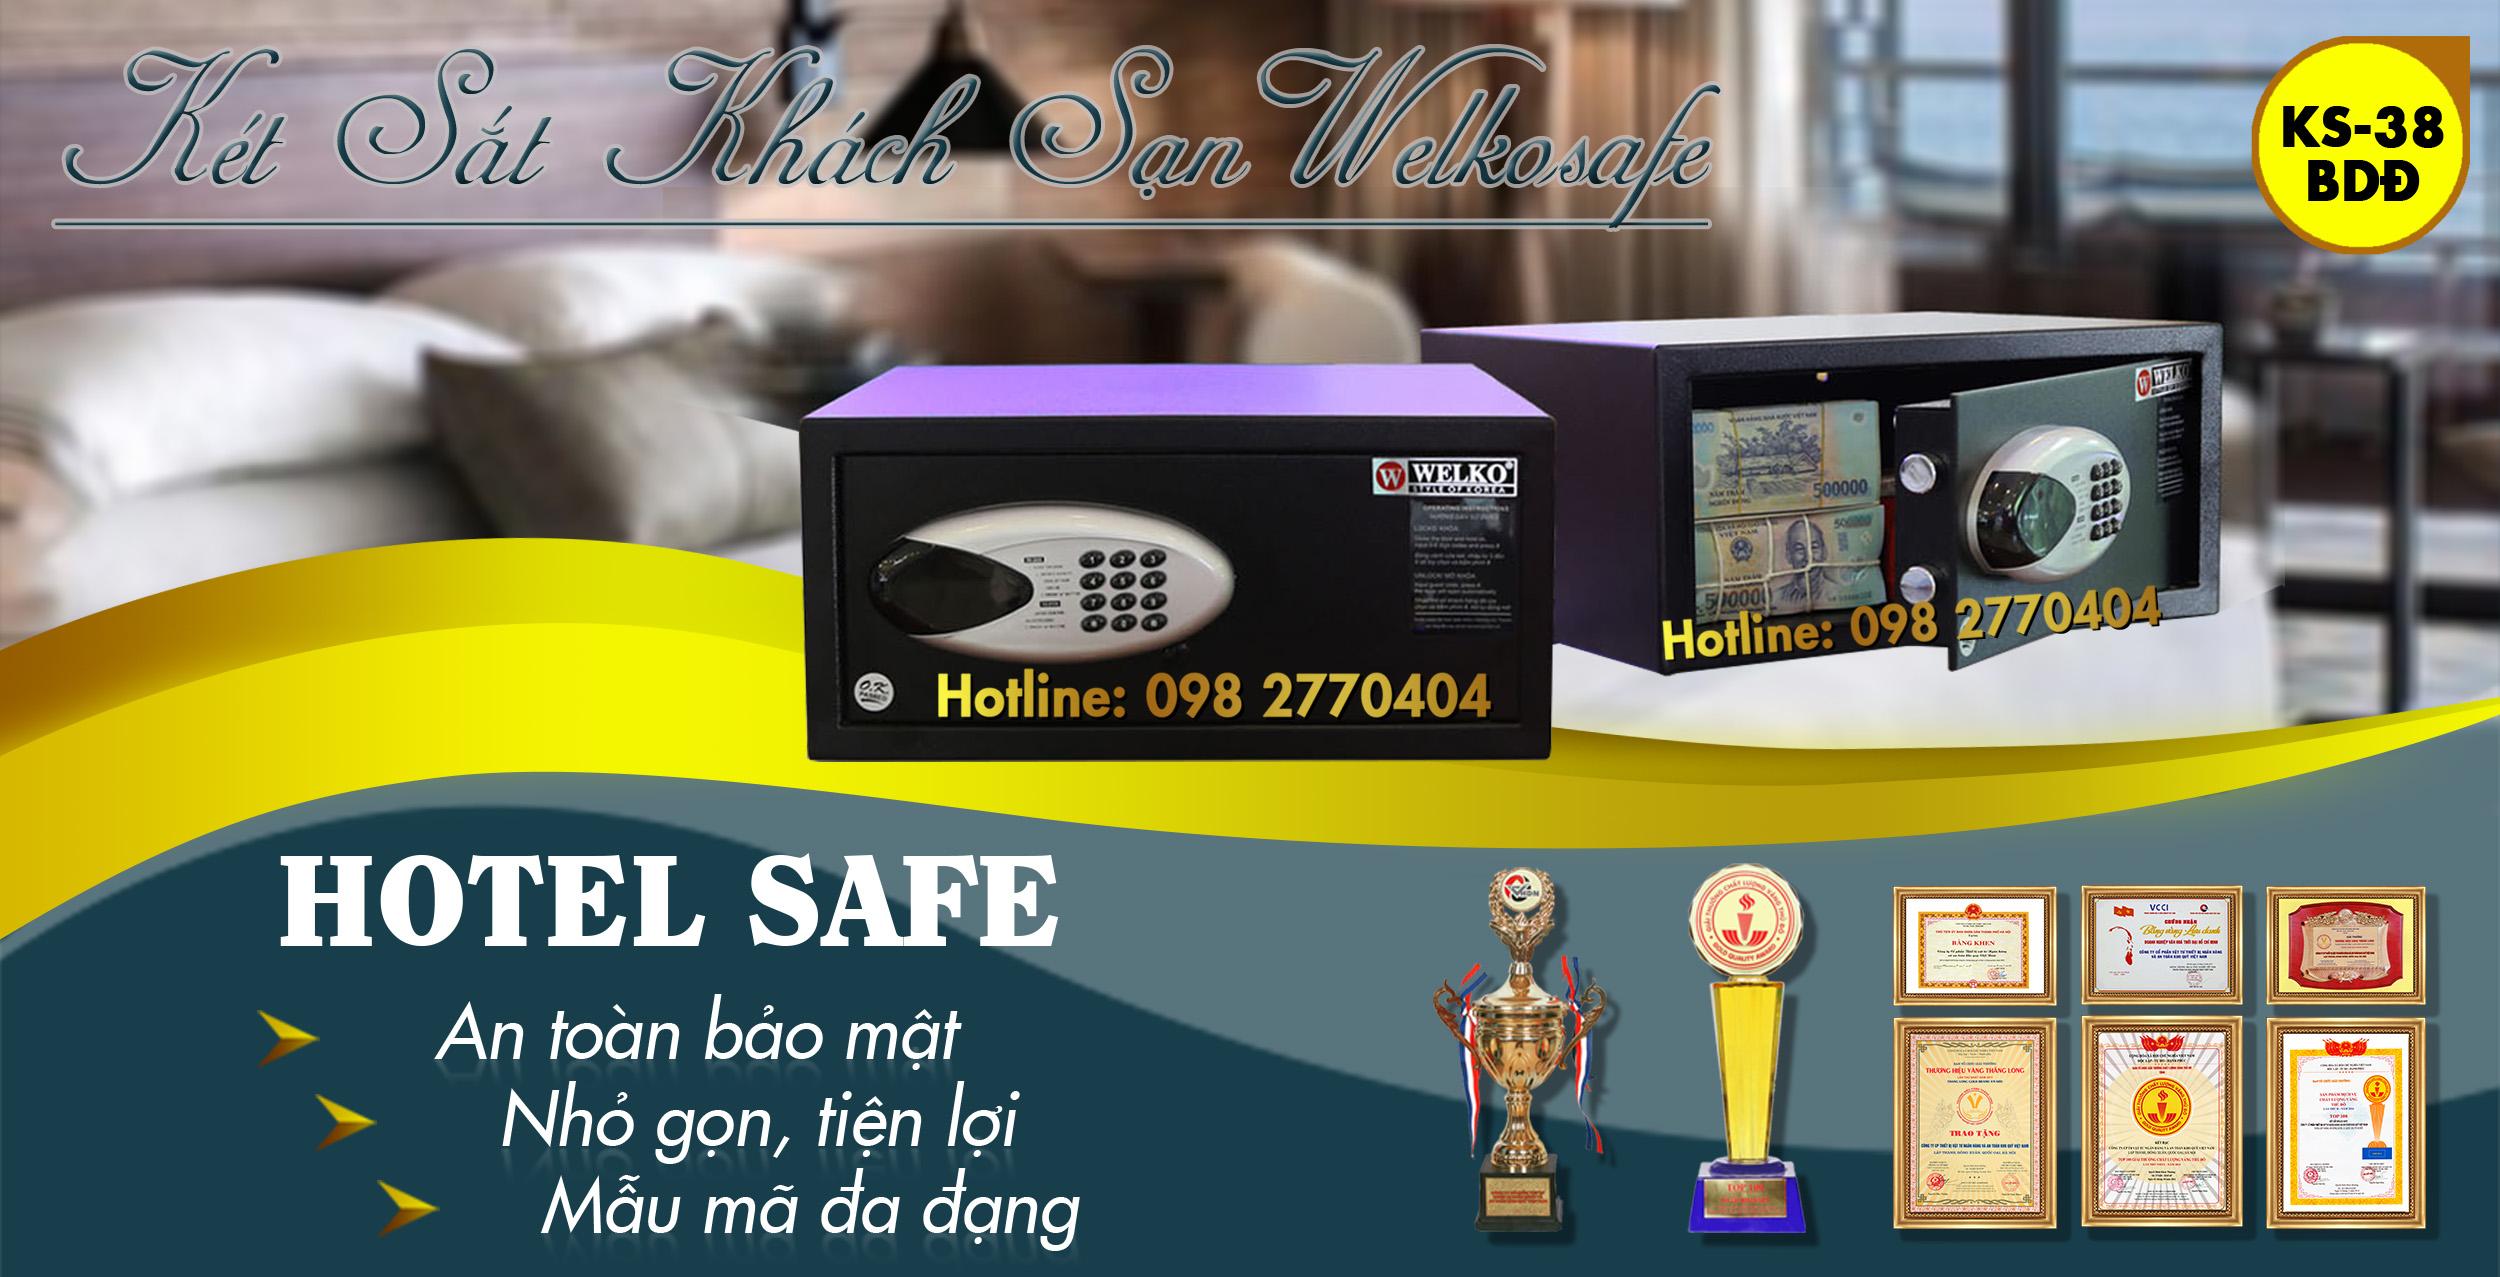 két sắt khách sạn khoá điện tử công nghệ mới